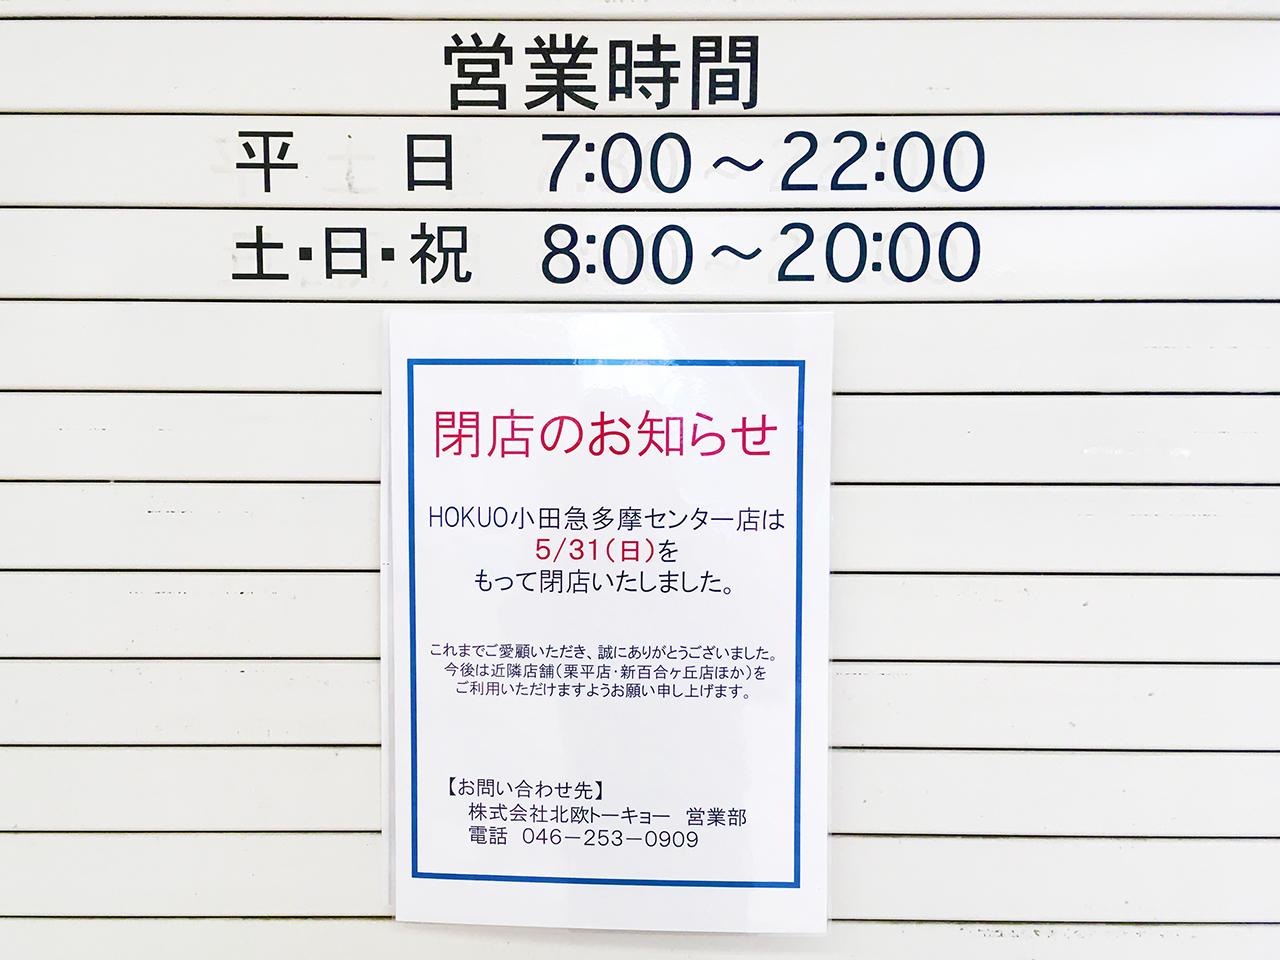 小田急多摩センター駅構内のパン屋「HOKUO(ホクオウ)」が5月31日に閉店しました